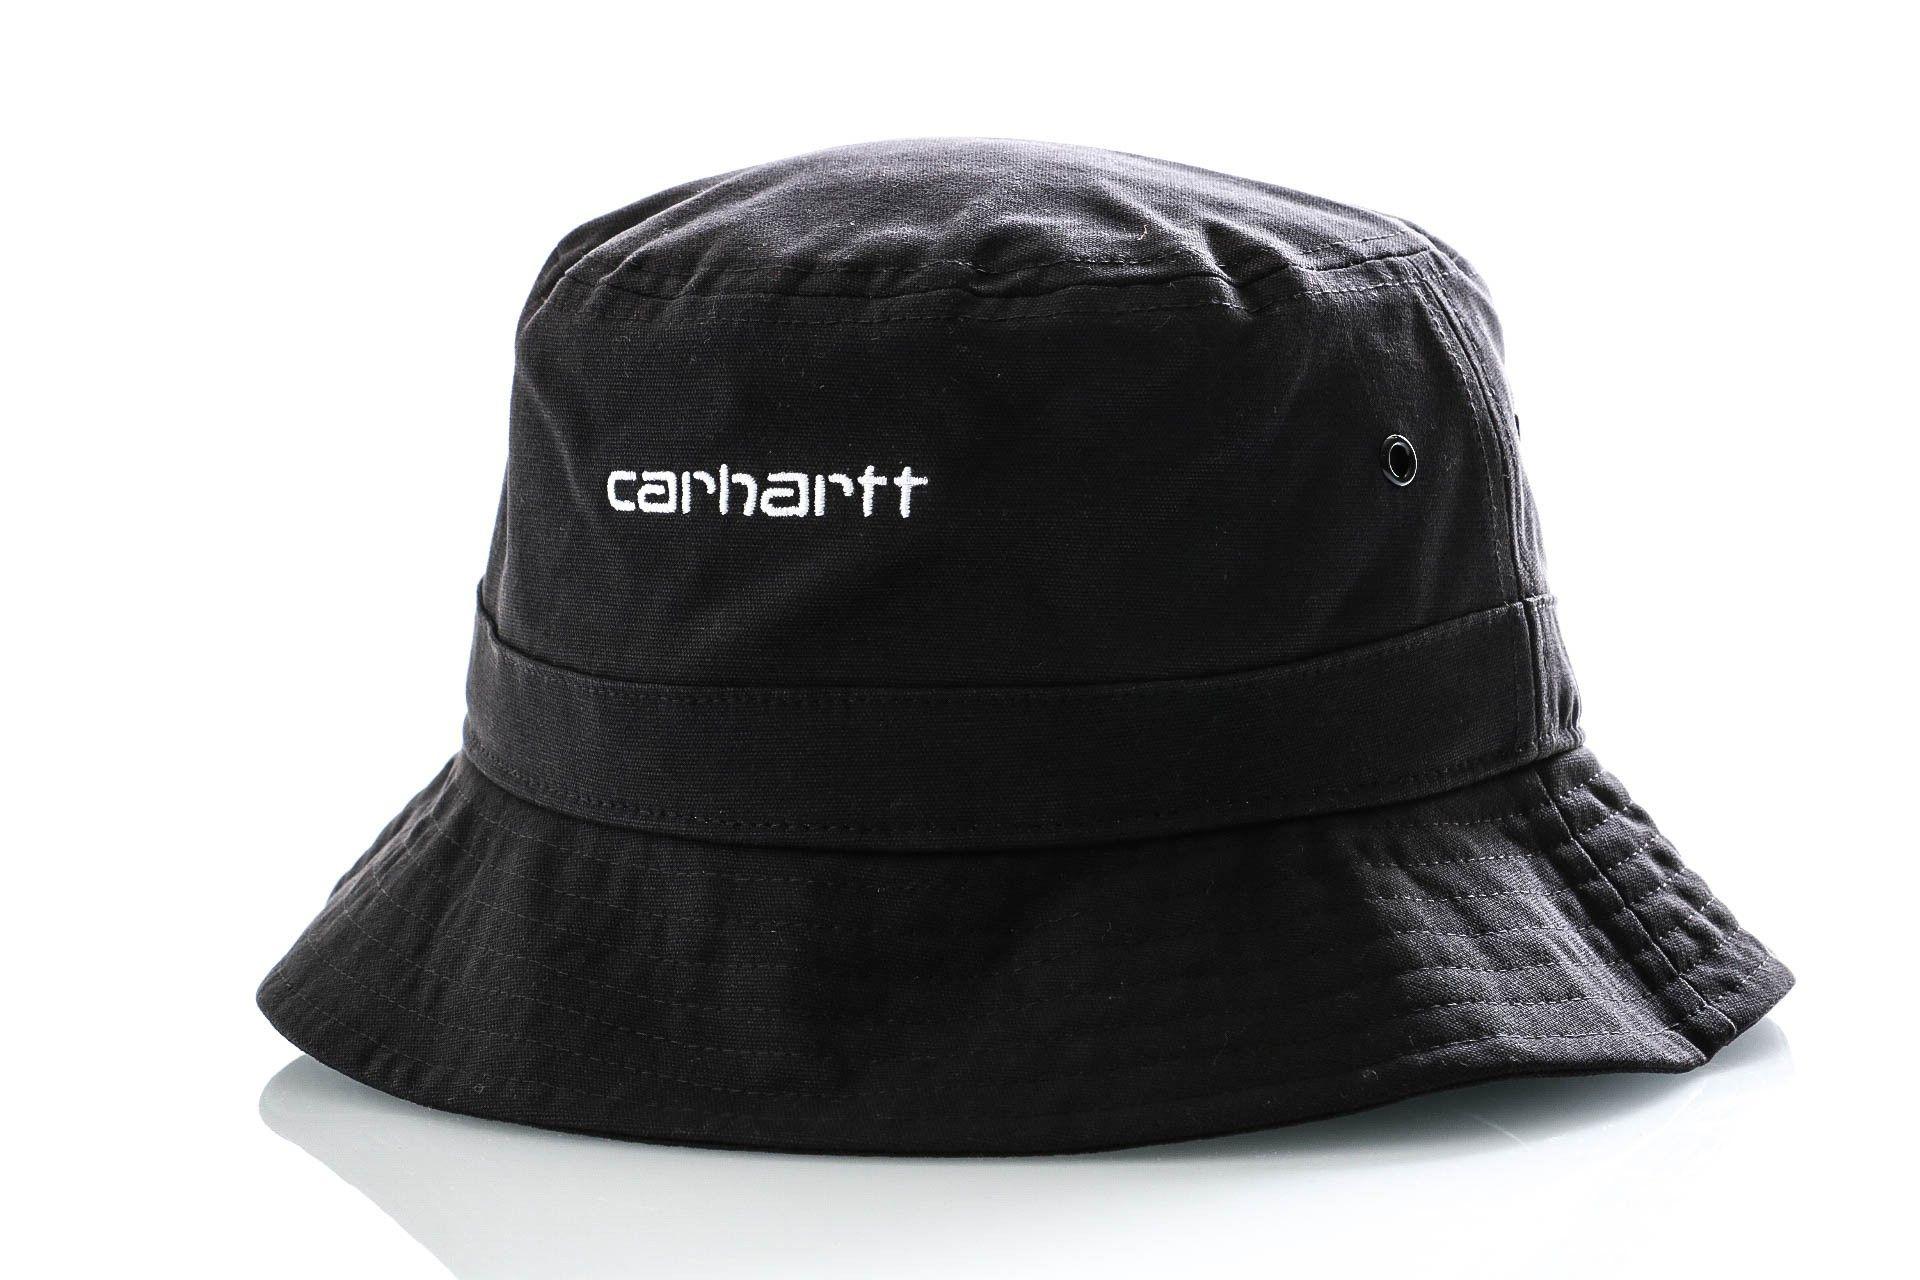 Afbeelding van Carhartt Bucket Script Bucket Hat Black / White I026217